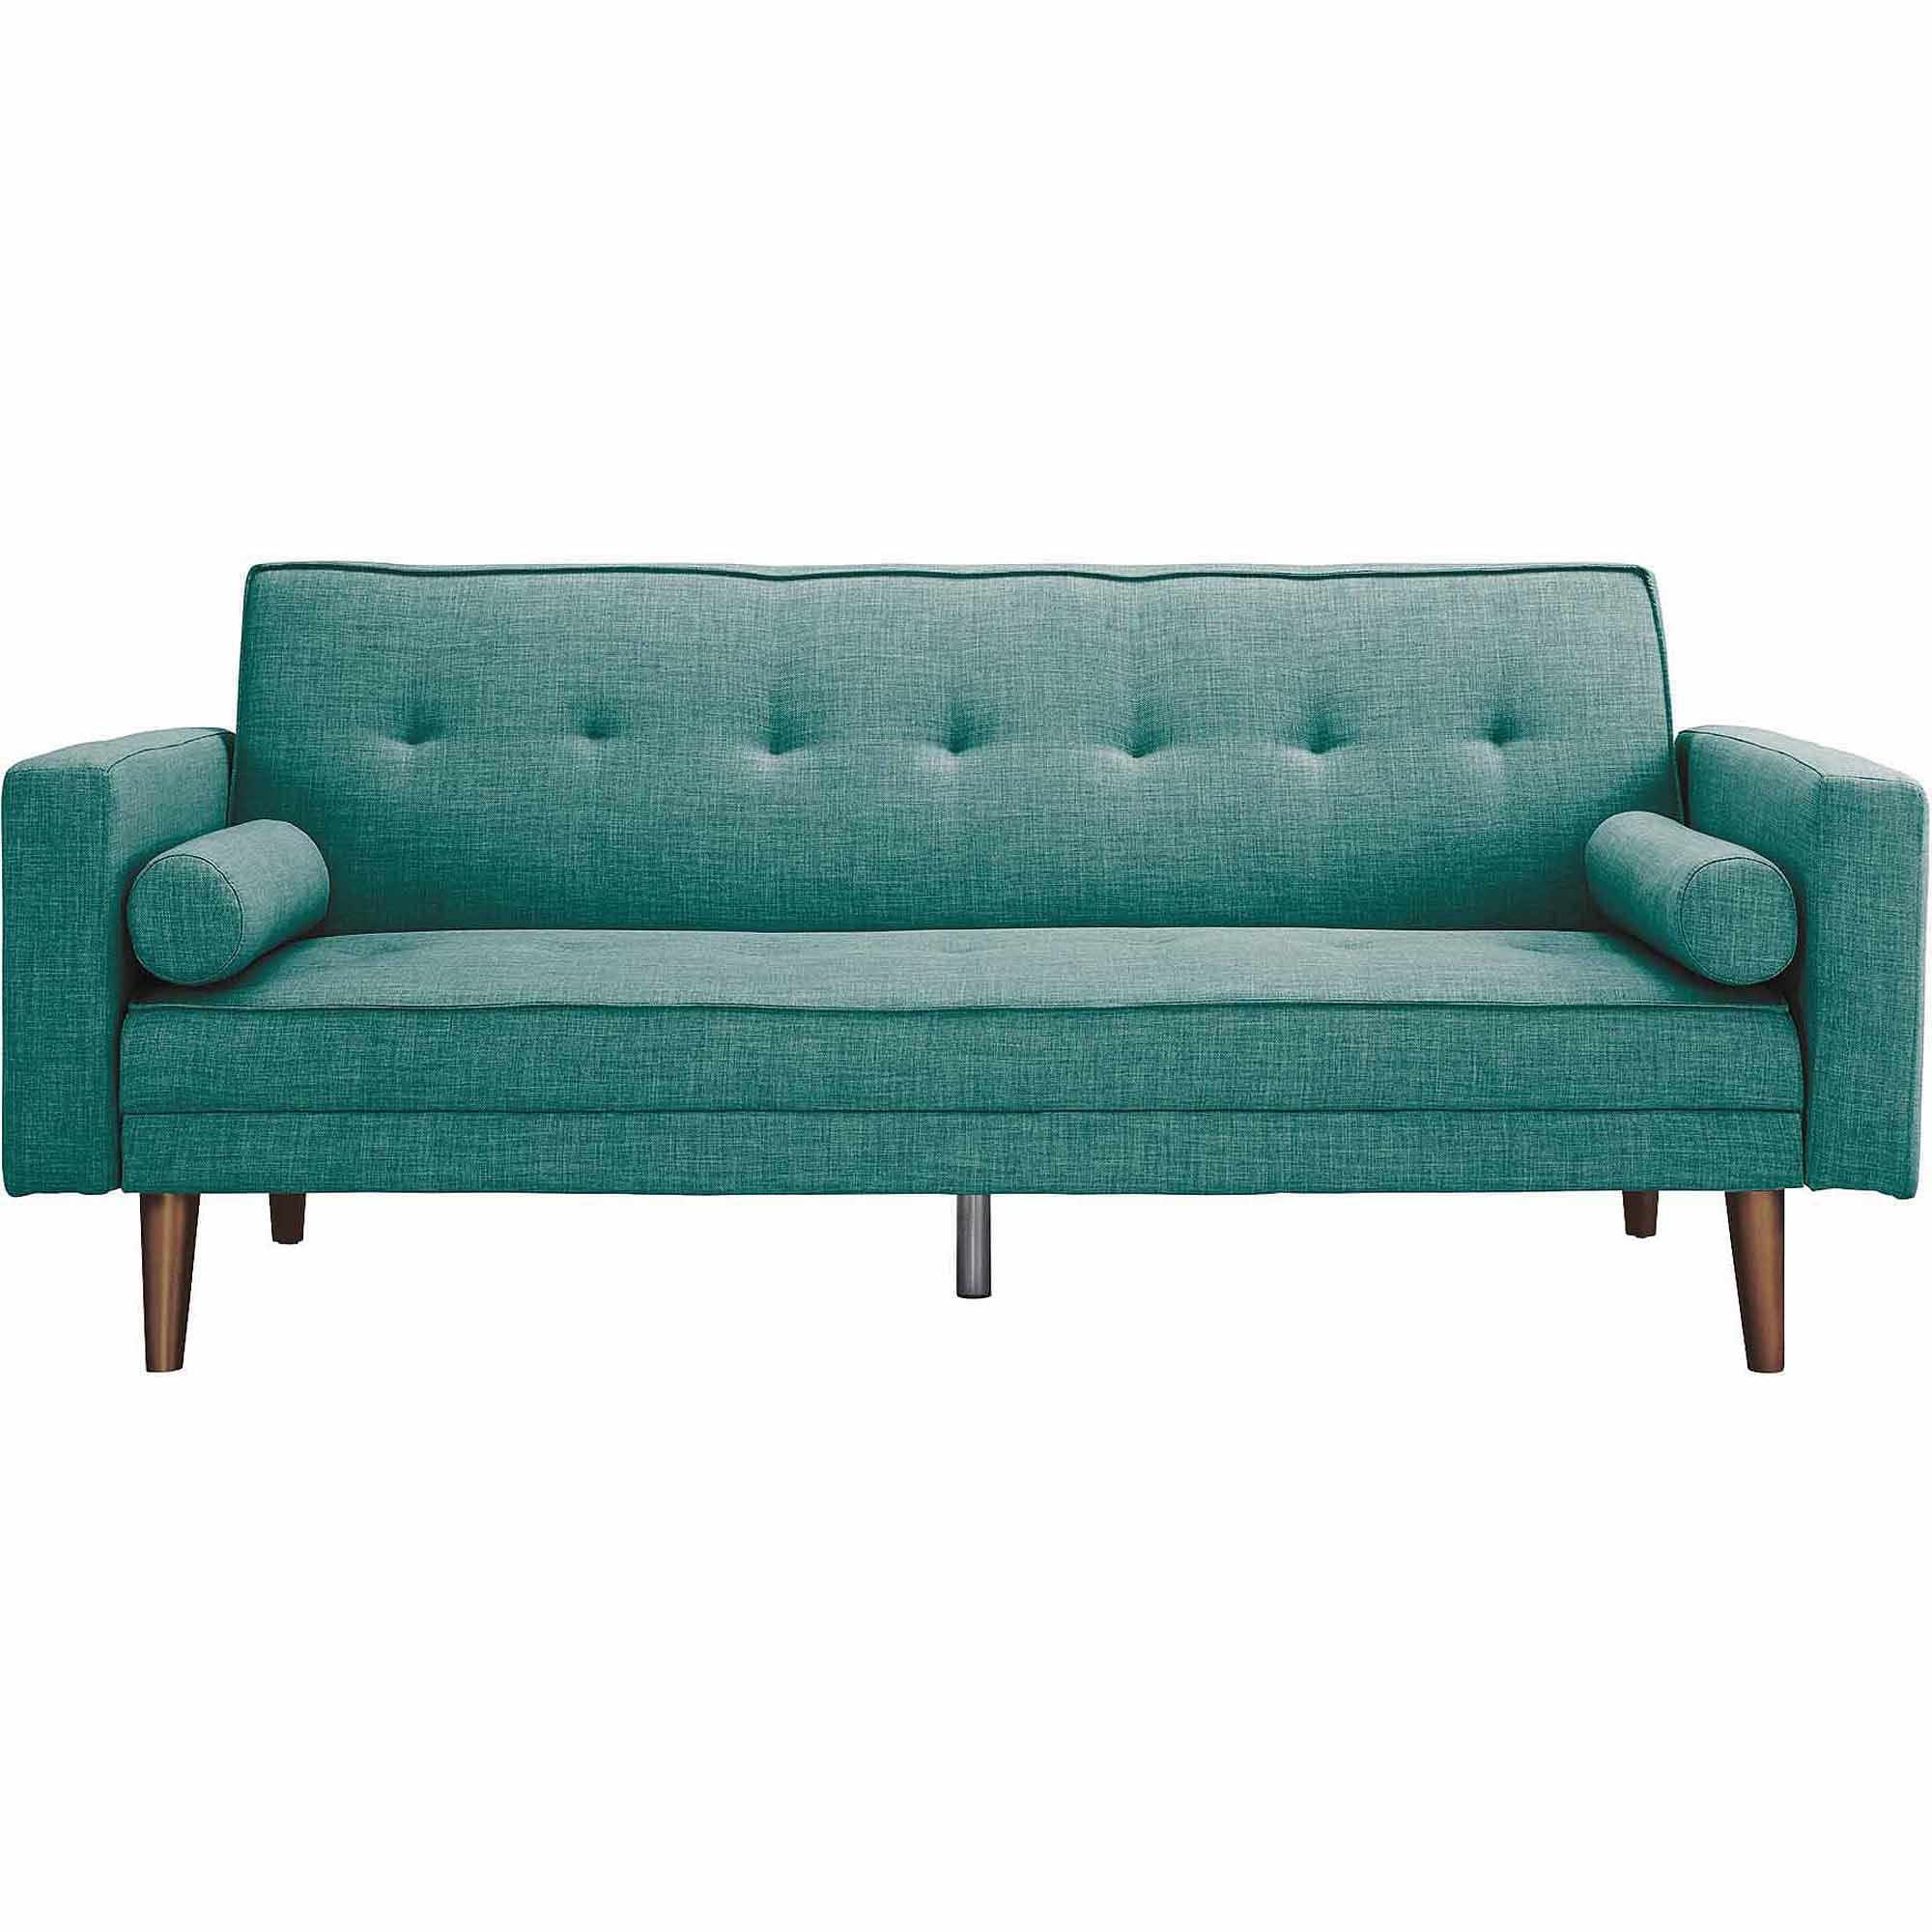 Novogratz Vintage Linen Upholstered Futon, Multiple Colors by Dorel Home Products